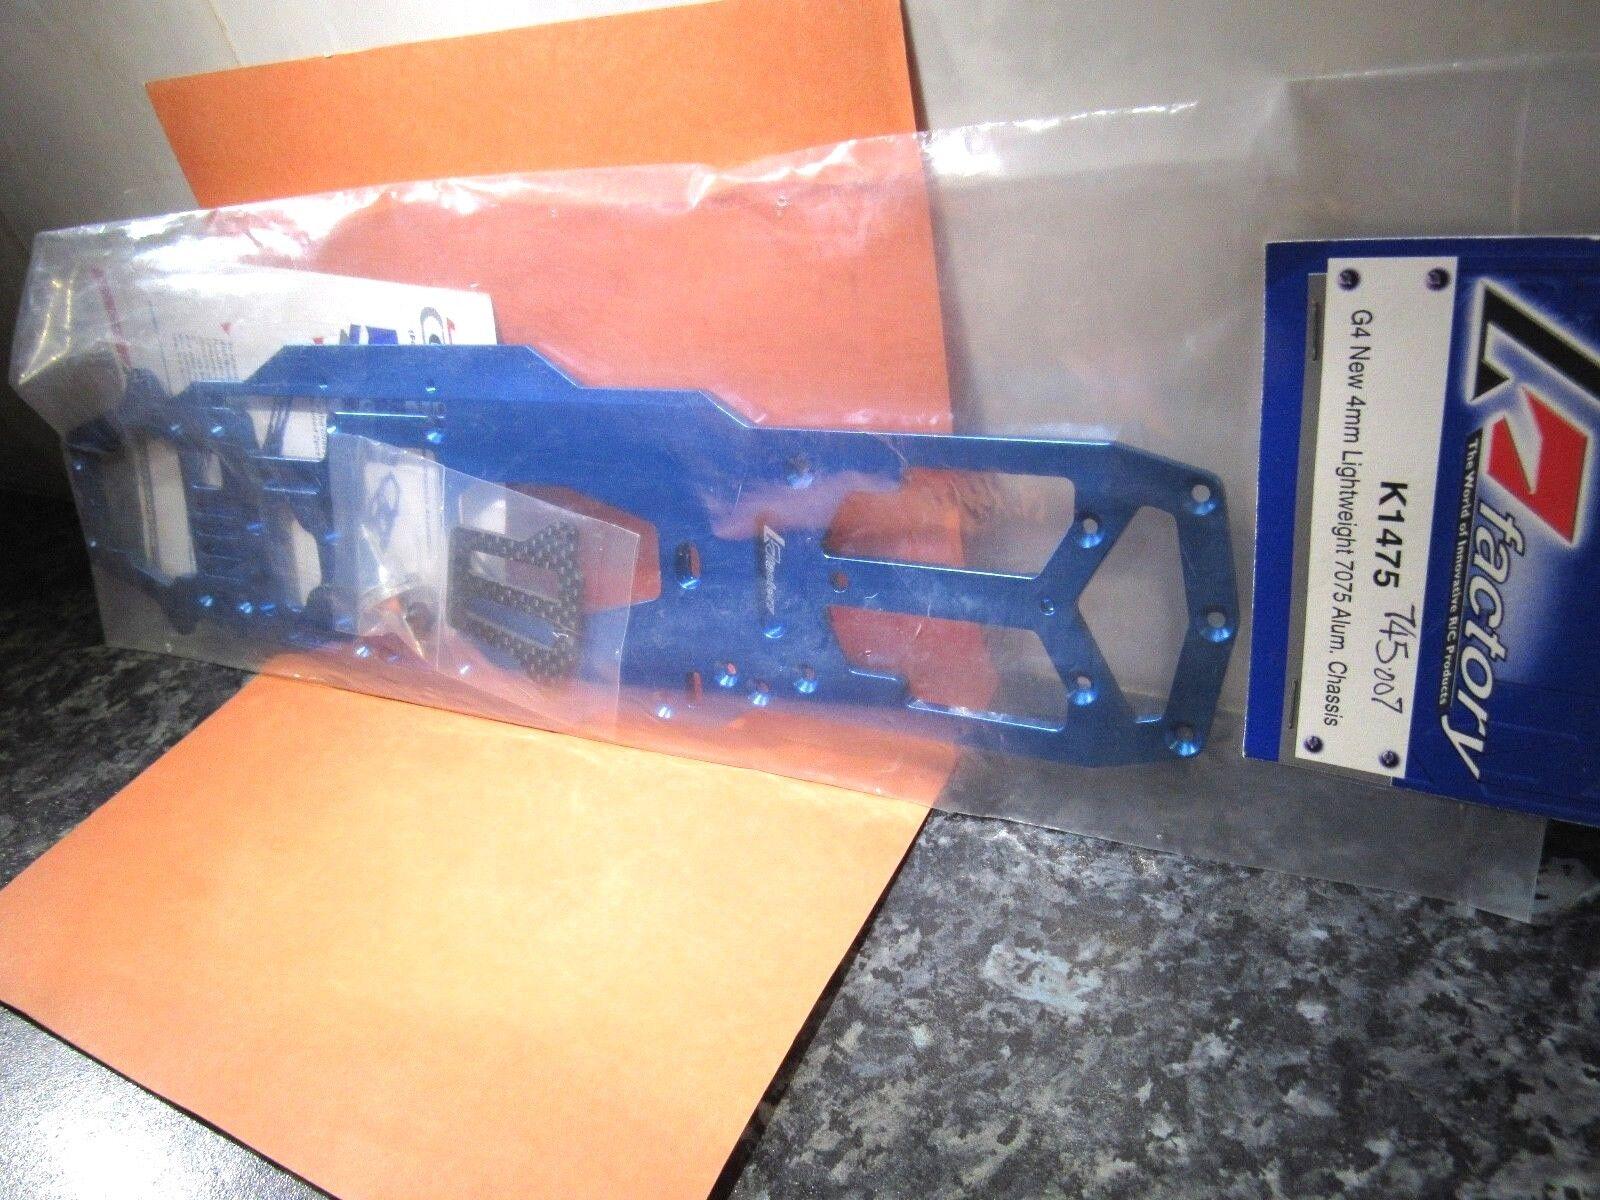 K FACTORY K1475 G4 NEW 4MM 7075 LIGHTWEIGHT ALUM CHASSIS TEAM MAGIC blueE